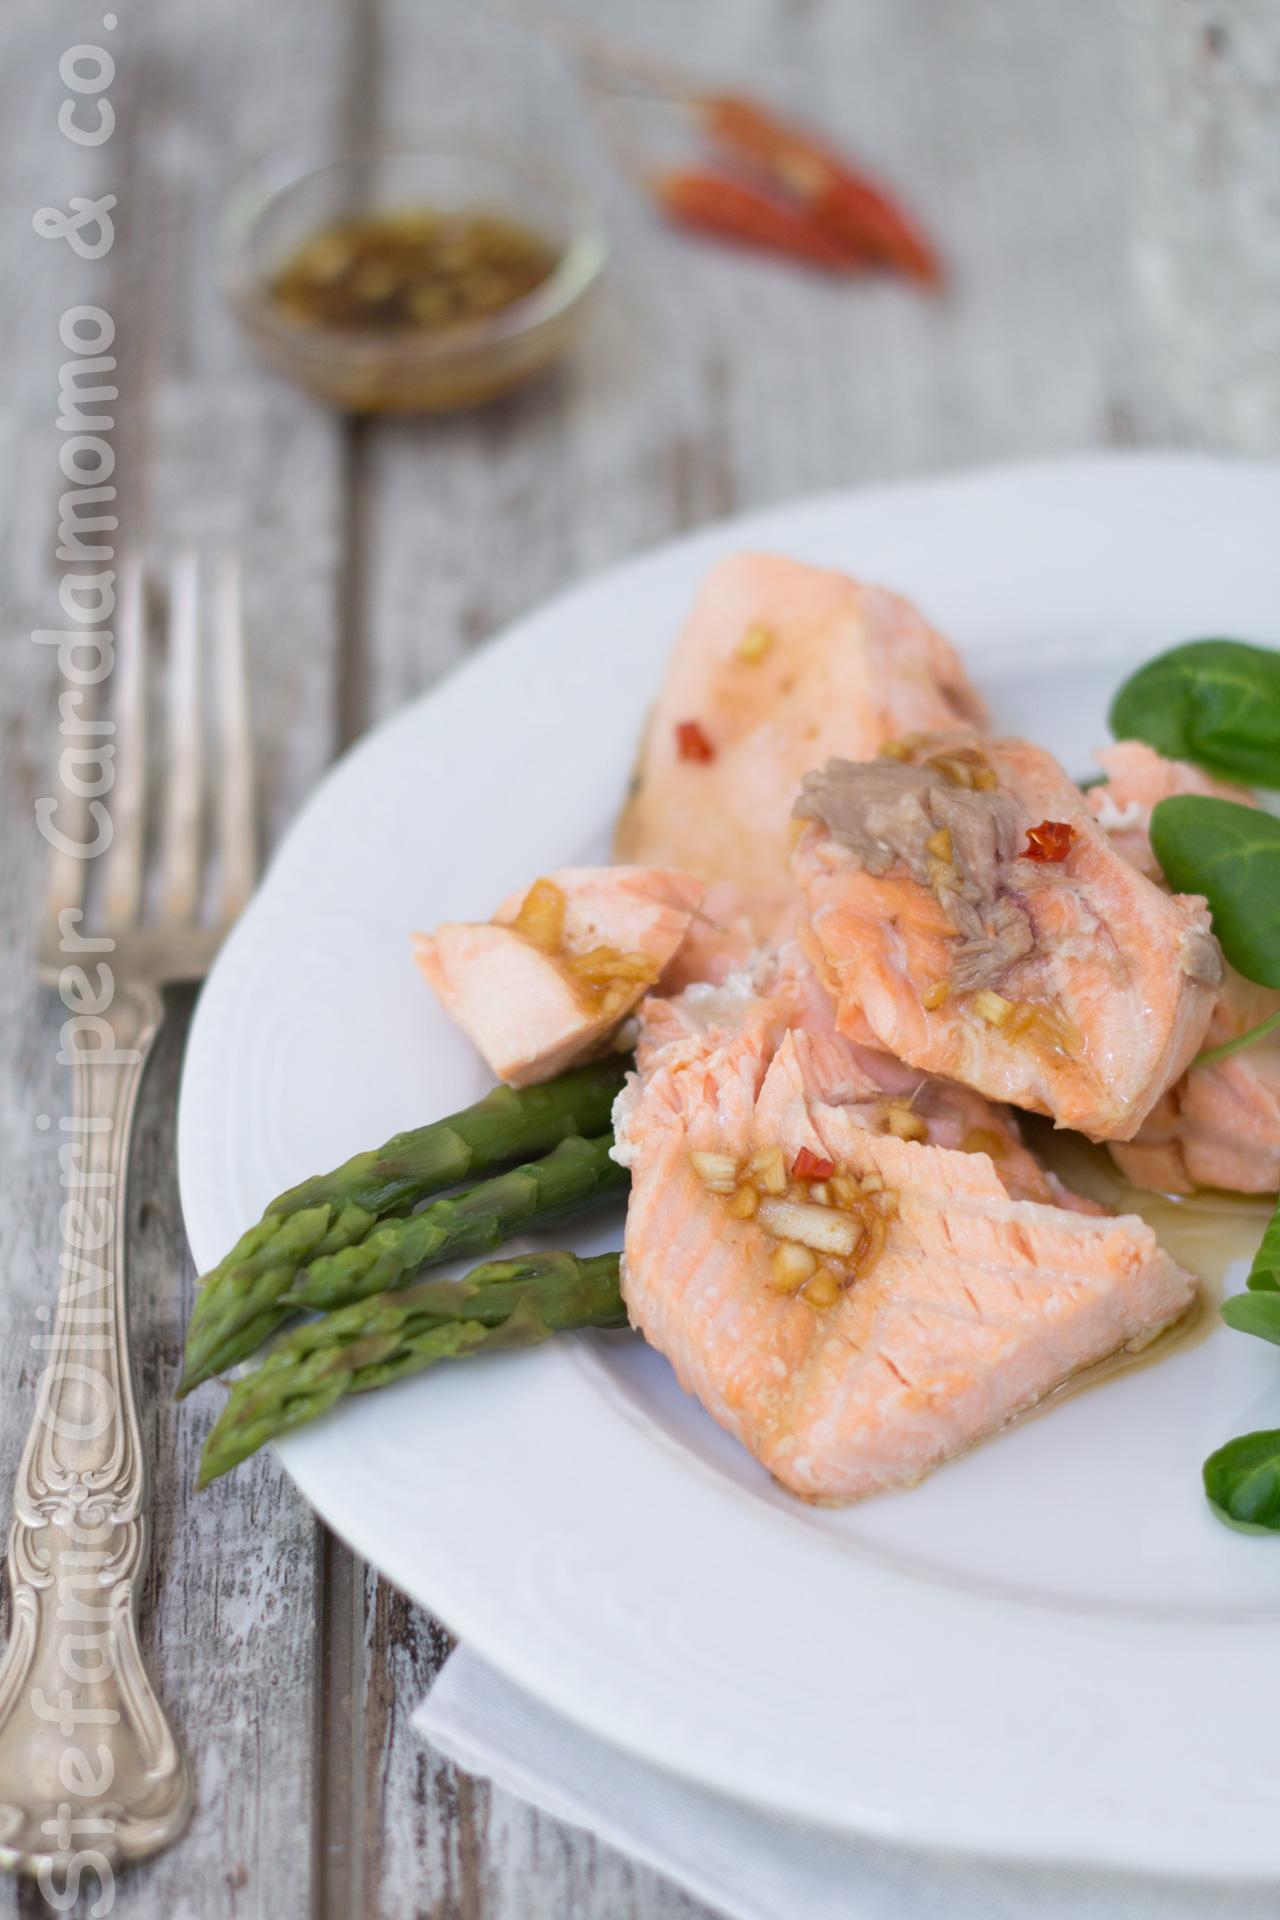 Salmone orientale di Jamie Oliver Cardamomo & co 3273